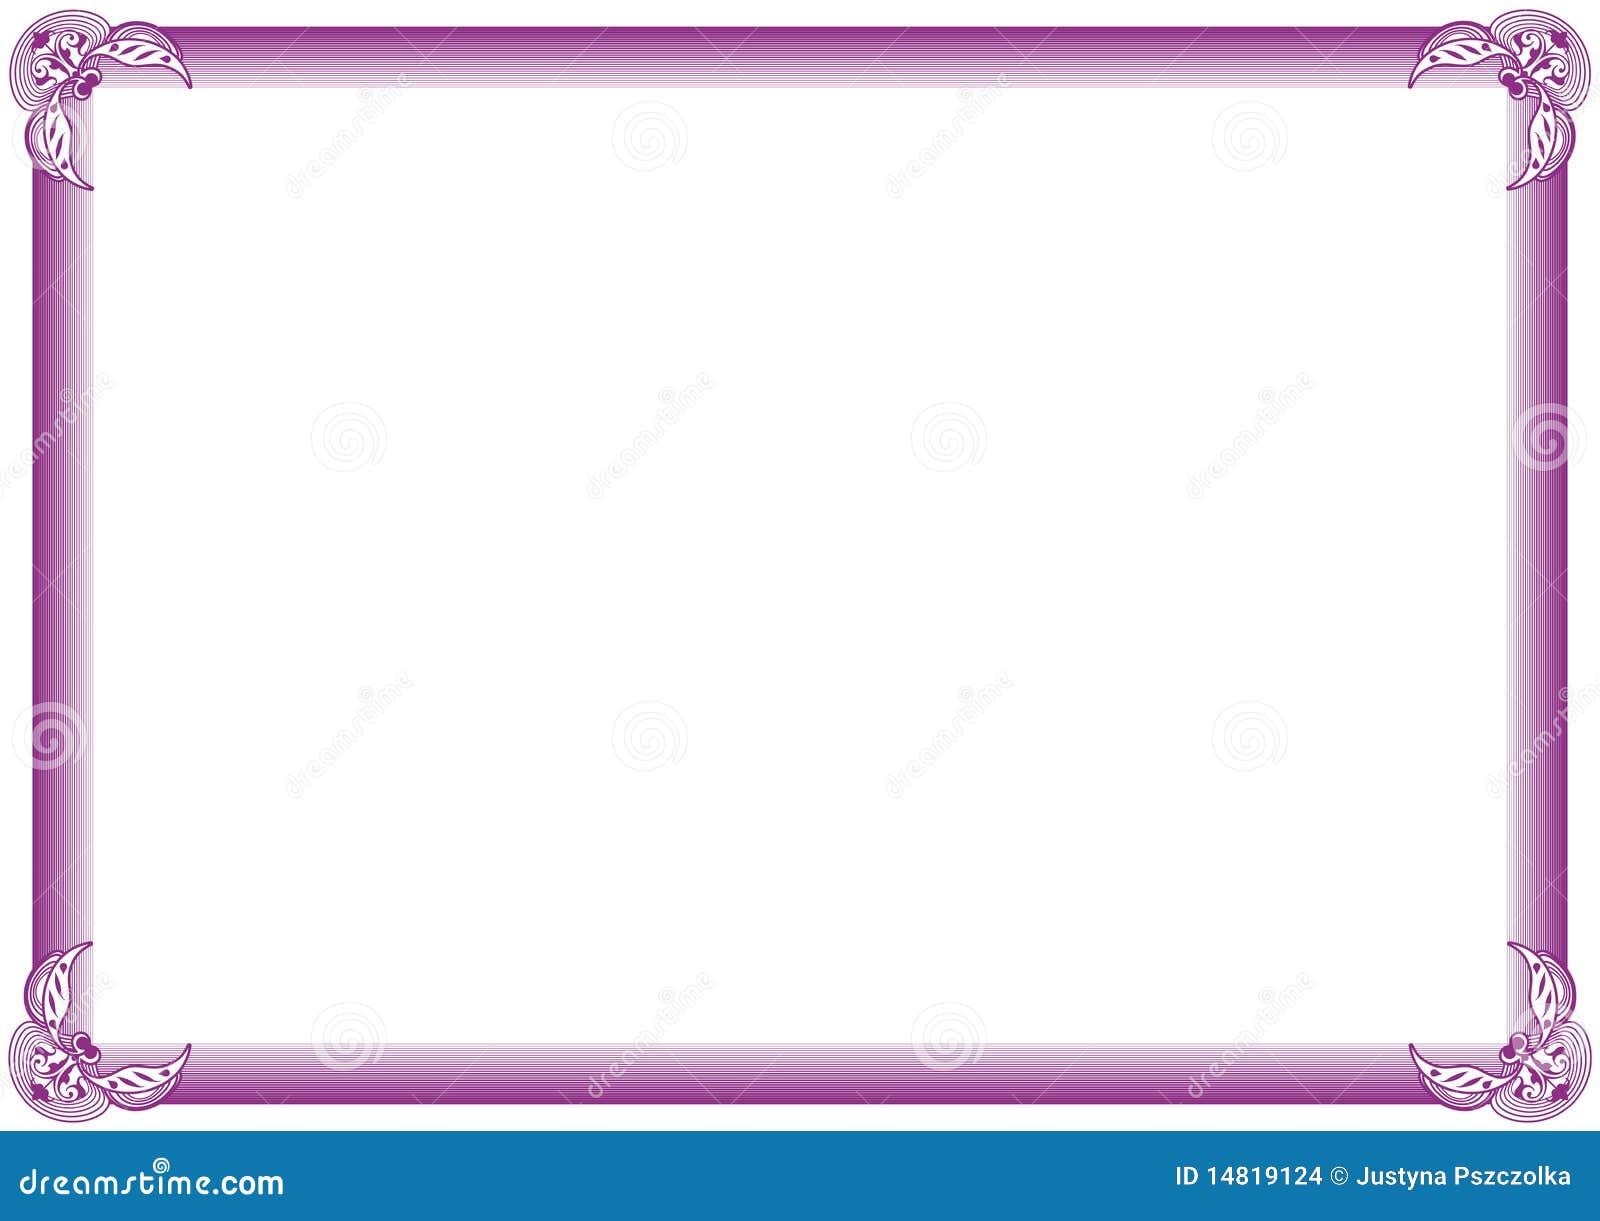 рамка диплома иллюстрация вектора иллюстрации насчитывающей  рамка диплома